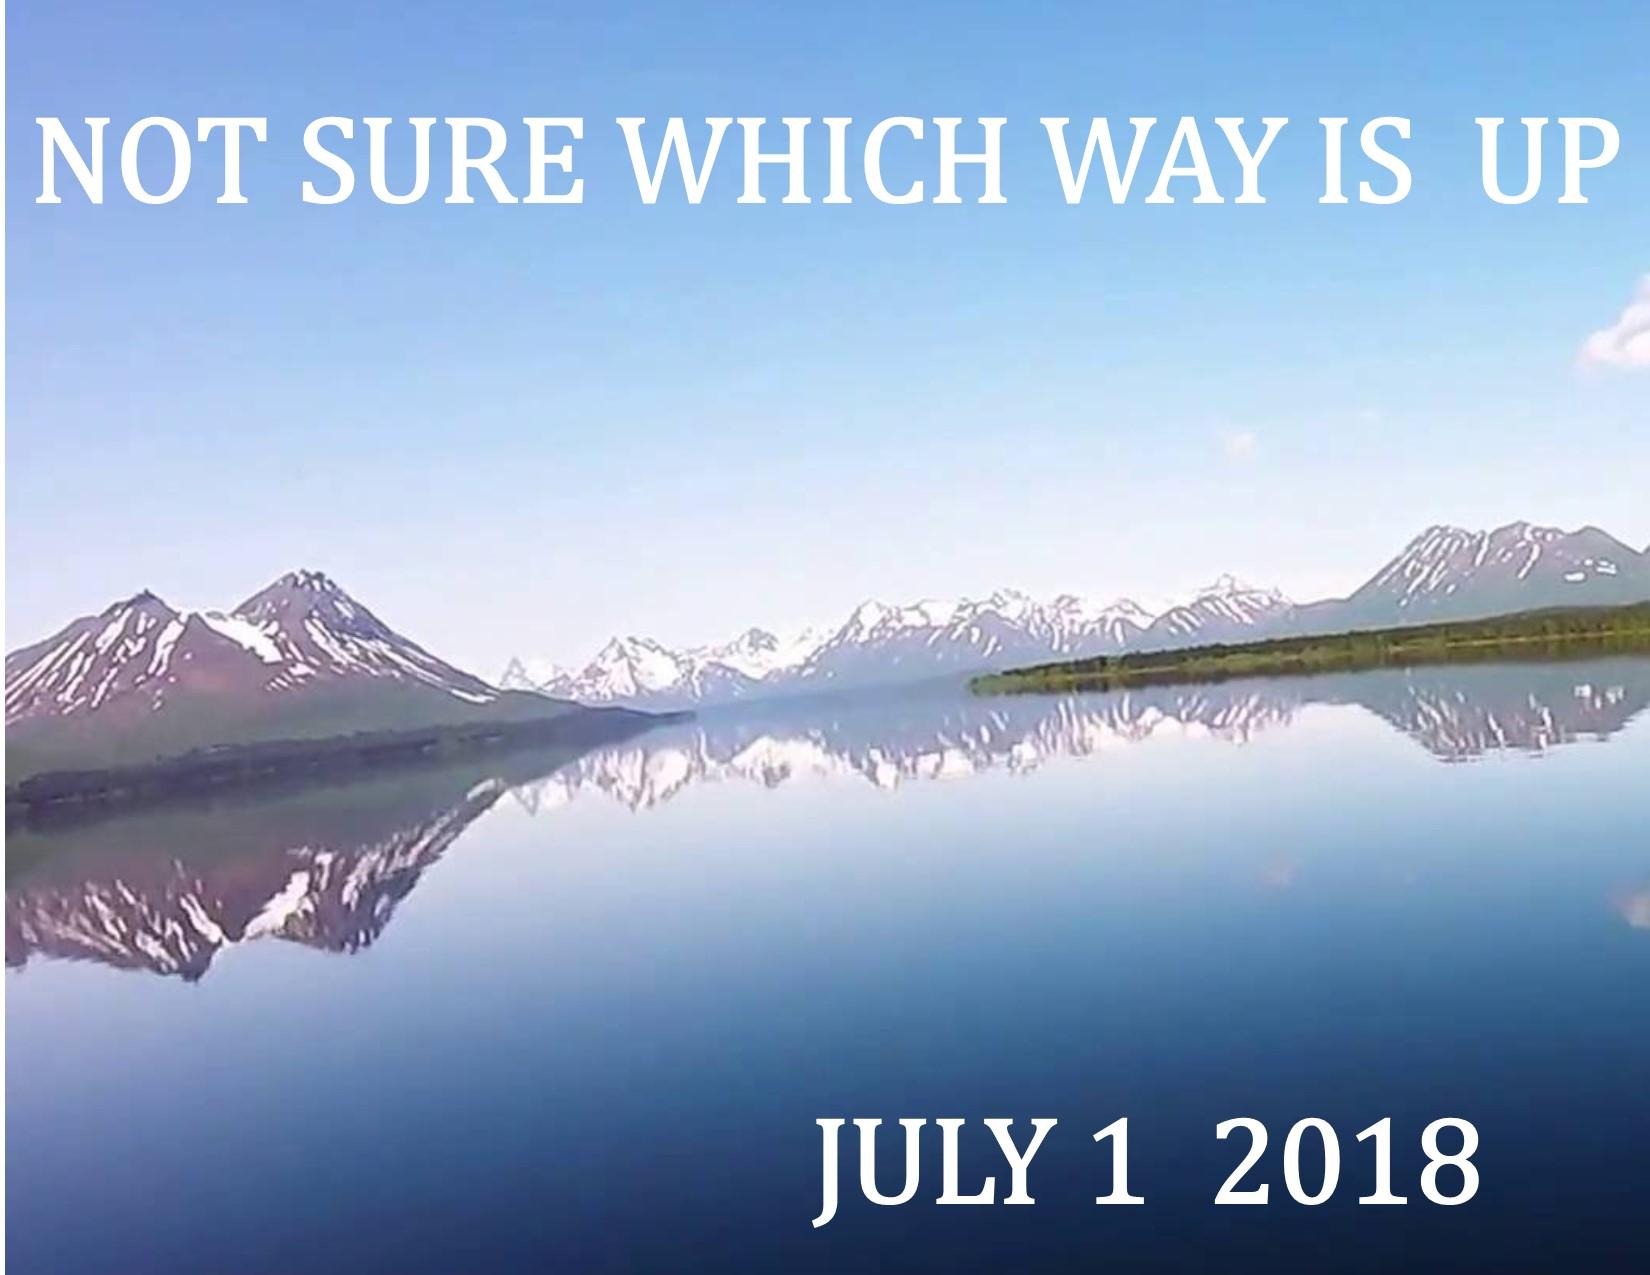 JULY 2018 UPDATE 7-1-18 PEG